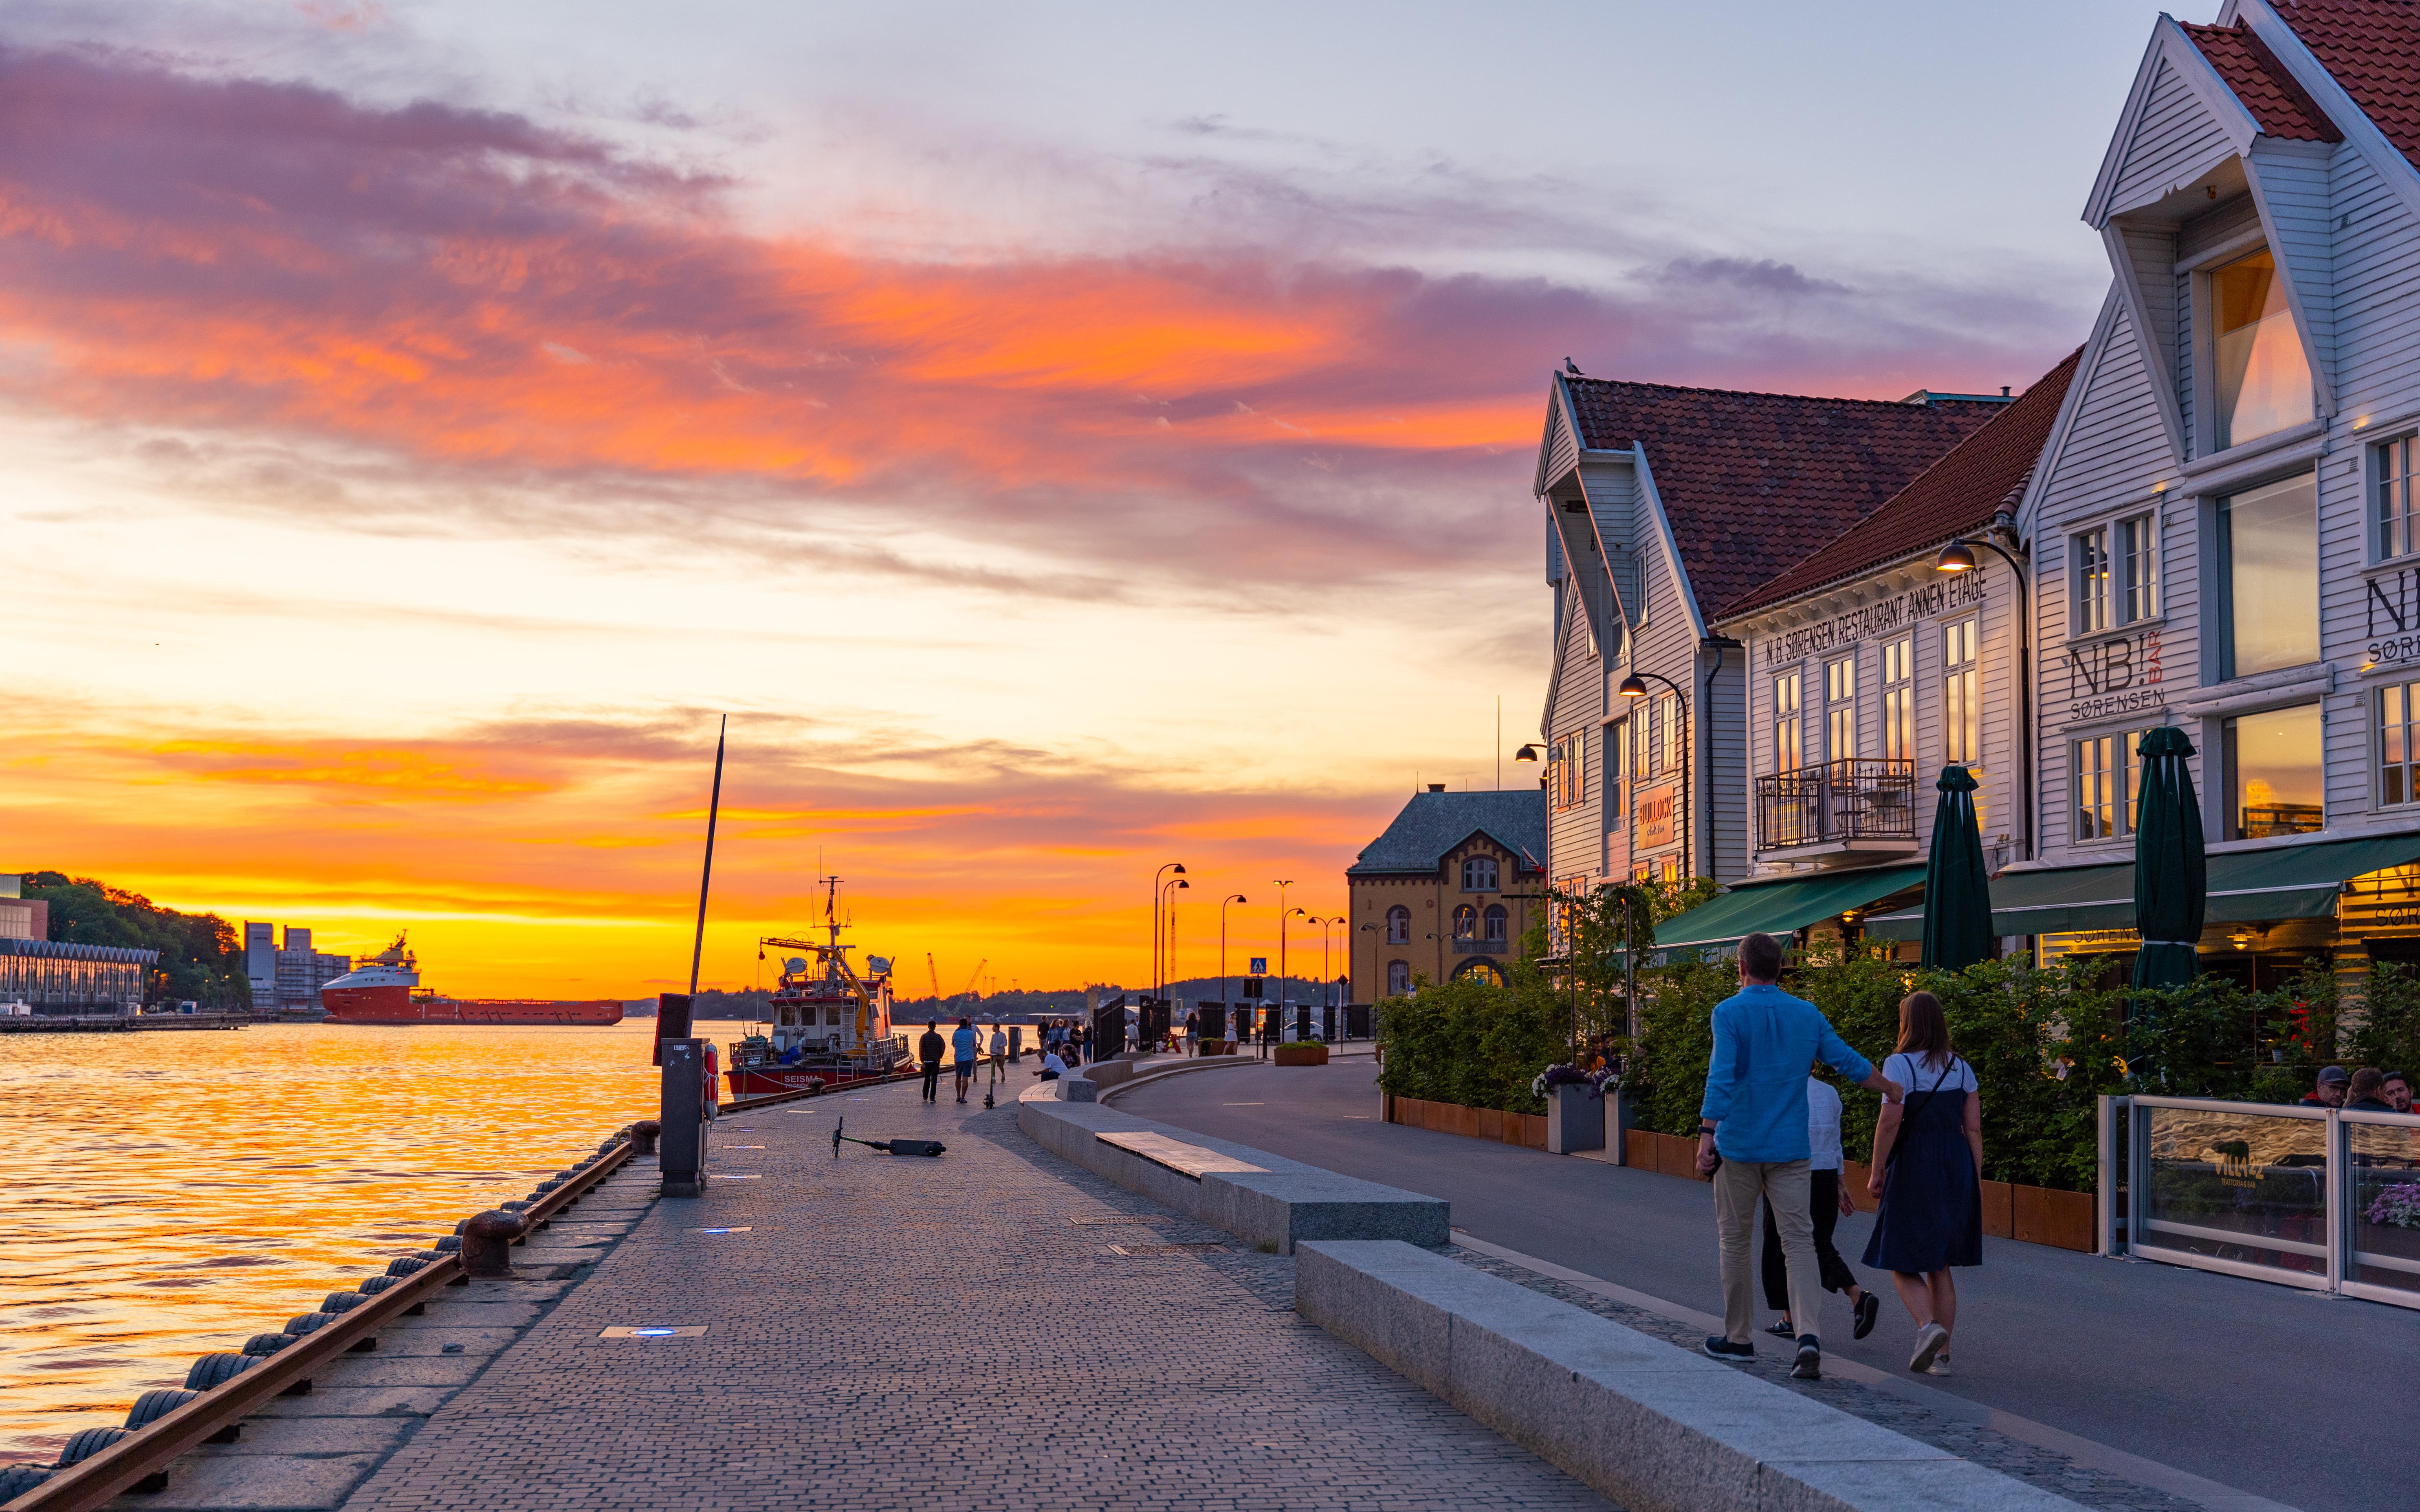 Golden sunset at the harbor of Stavanger